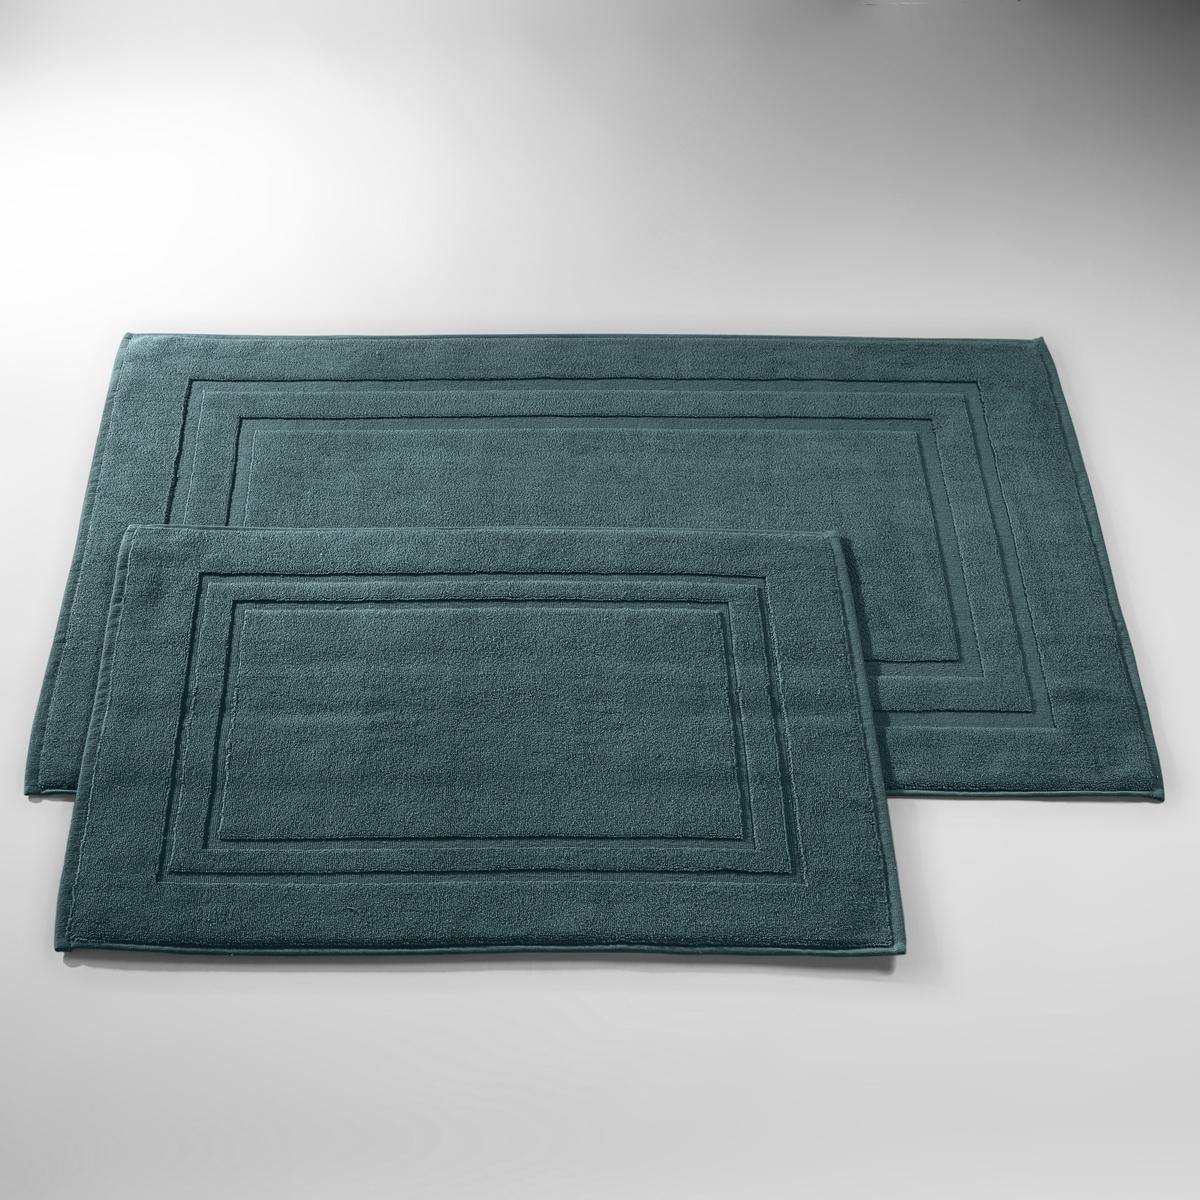 Коврик для ванной, 1100 г/м?, качество BestКоврик для ванной качества BEST    : удивительное ощущение тепла под ногами... Короткий и мягкий ворс, невероятная впитывающая способность и гамма изысканных расцветок .Есть модель в форме умывальника, 40 x 50 см, 50 x 70 см, 60 x 60 см, 60 x 100 смХарактеристики коврика для ванной  :- Махровая ткань, 100% хлопок, очень густая и впитывающая (1100 г/м?).- Машинная стирка при 60 °С.Размеры коврика для ванной :40 x 50 см  коврик в форме умывальника50 x 70 см  : прямоугольный коврик. для душа- 60 x 60 см :  квадратный коврик для душа- 60 x 100 см : прямоугольный коврик. для ваннойПроизводство осуществляется с учетом стандартов по защите окружающей среды и здоровья человека, что подтверждено сертификатом Oeko-tex®.  .<br><br>Цвет: белый,гранатовый,зелено-синий,зеленый мох,розовая пудра,светло-синий,Серо-синий,сине-зеленый,синий морской,темно-серый,фиолетовый,шафран<br>Размер: 50 x 70  см.60x100 cm.60 x 60  см.60x100 cm.50 x 70  см.60x100 cm.60x100 cm.40x50 cm.60x100 cm